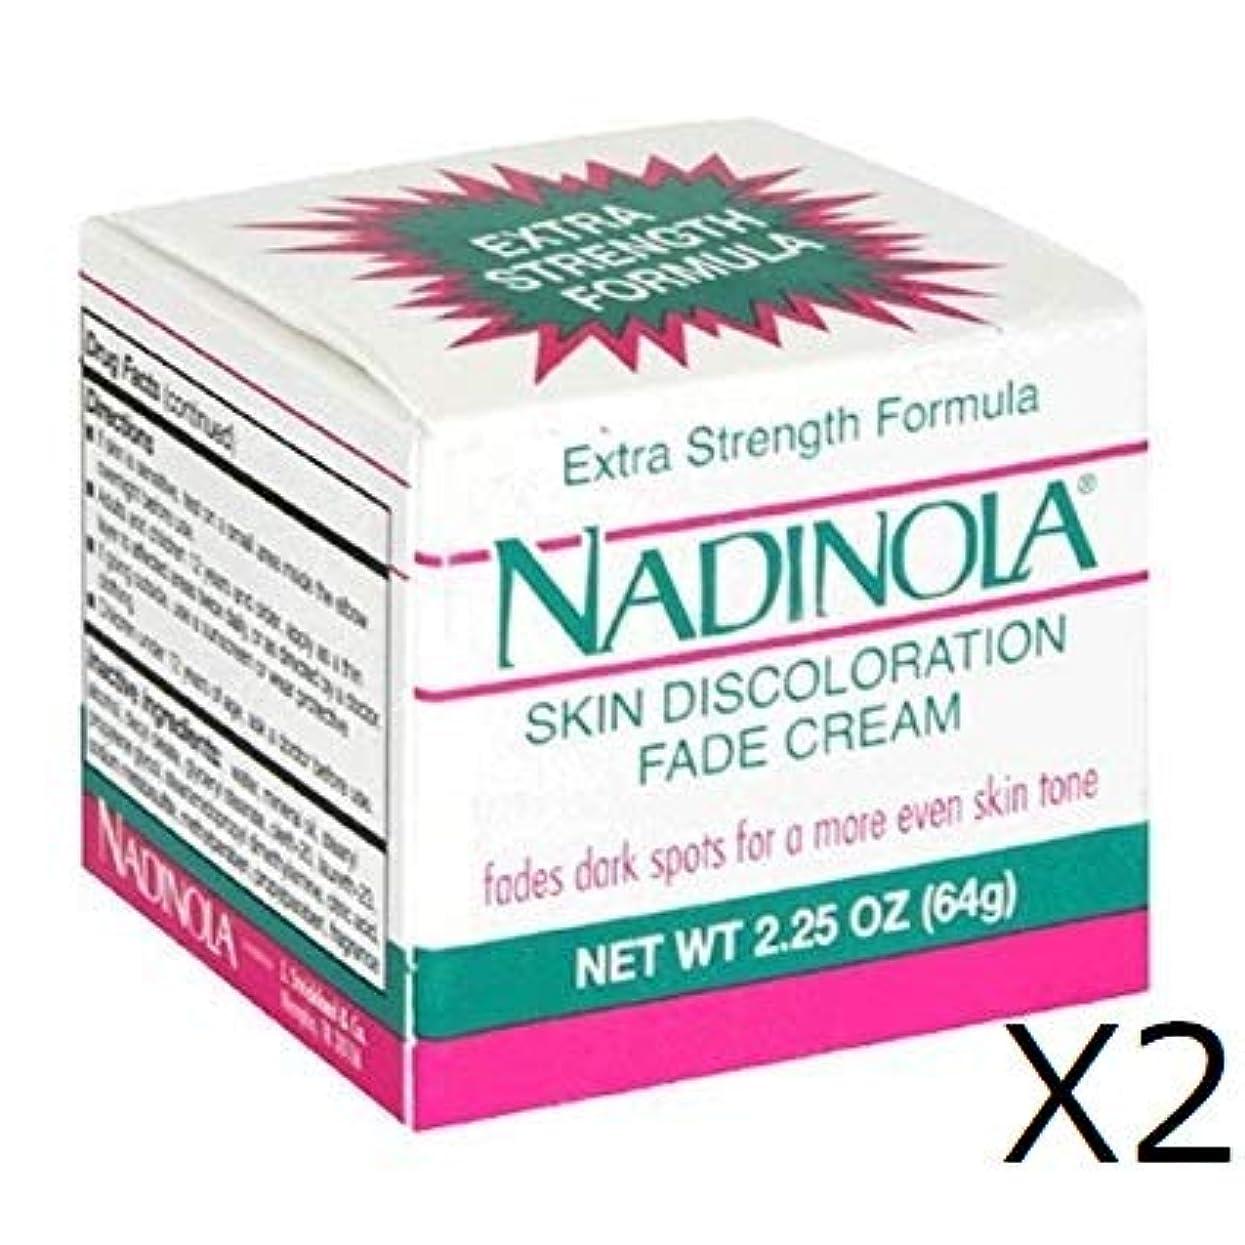 注目すべき胆嚢ブラケットNadinola Discoloration Fade Cream 2.25oz Extra Strength (64gX2個)